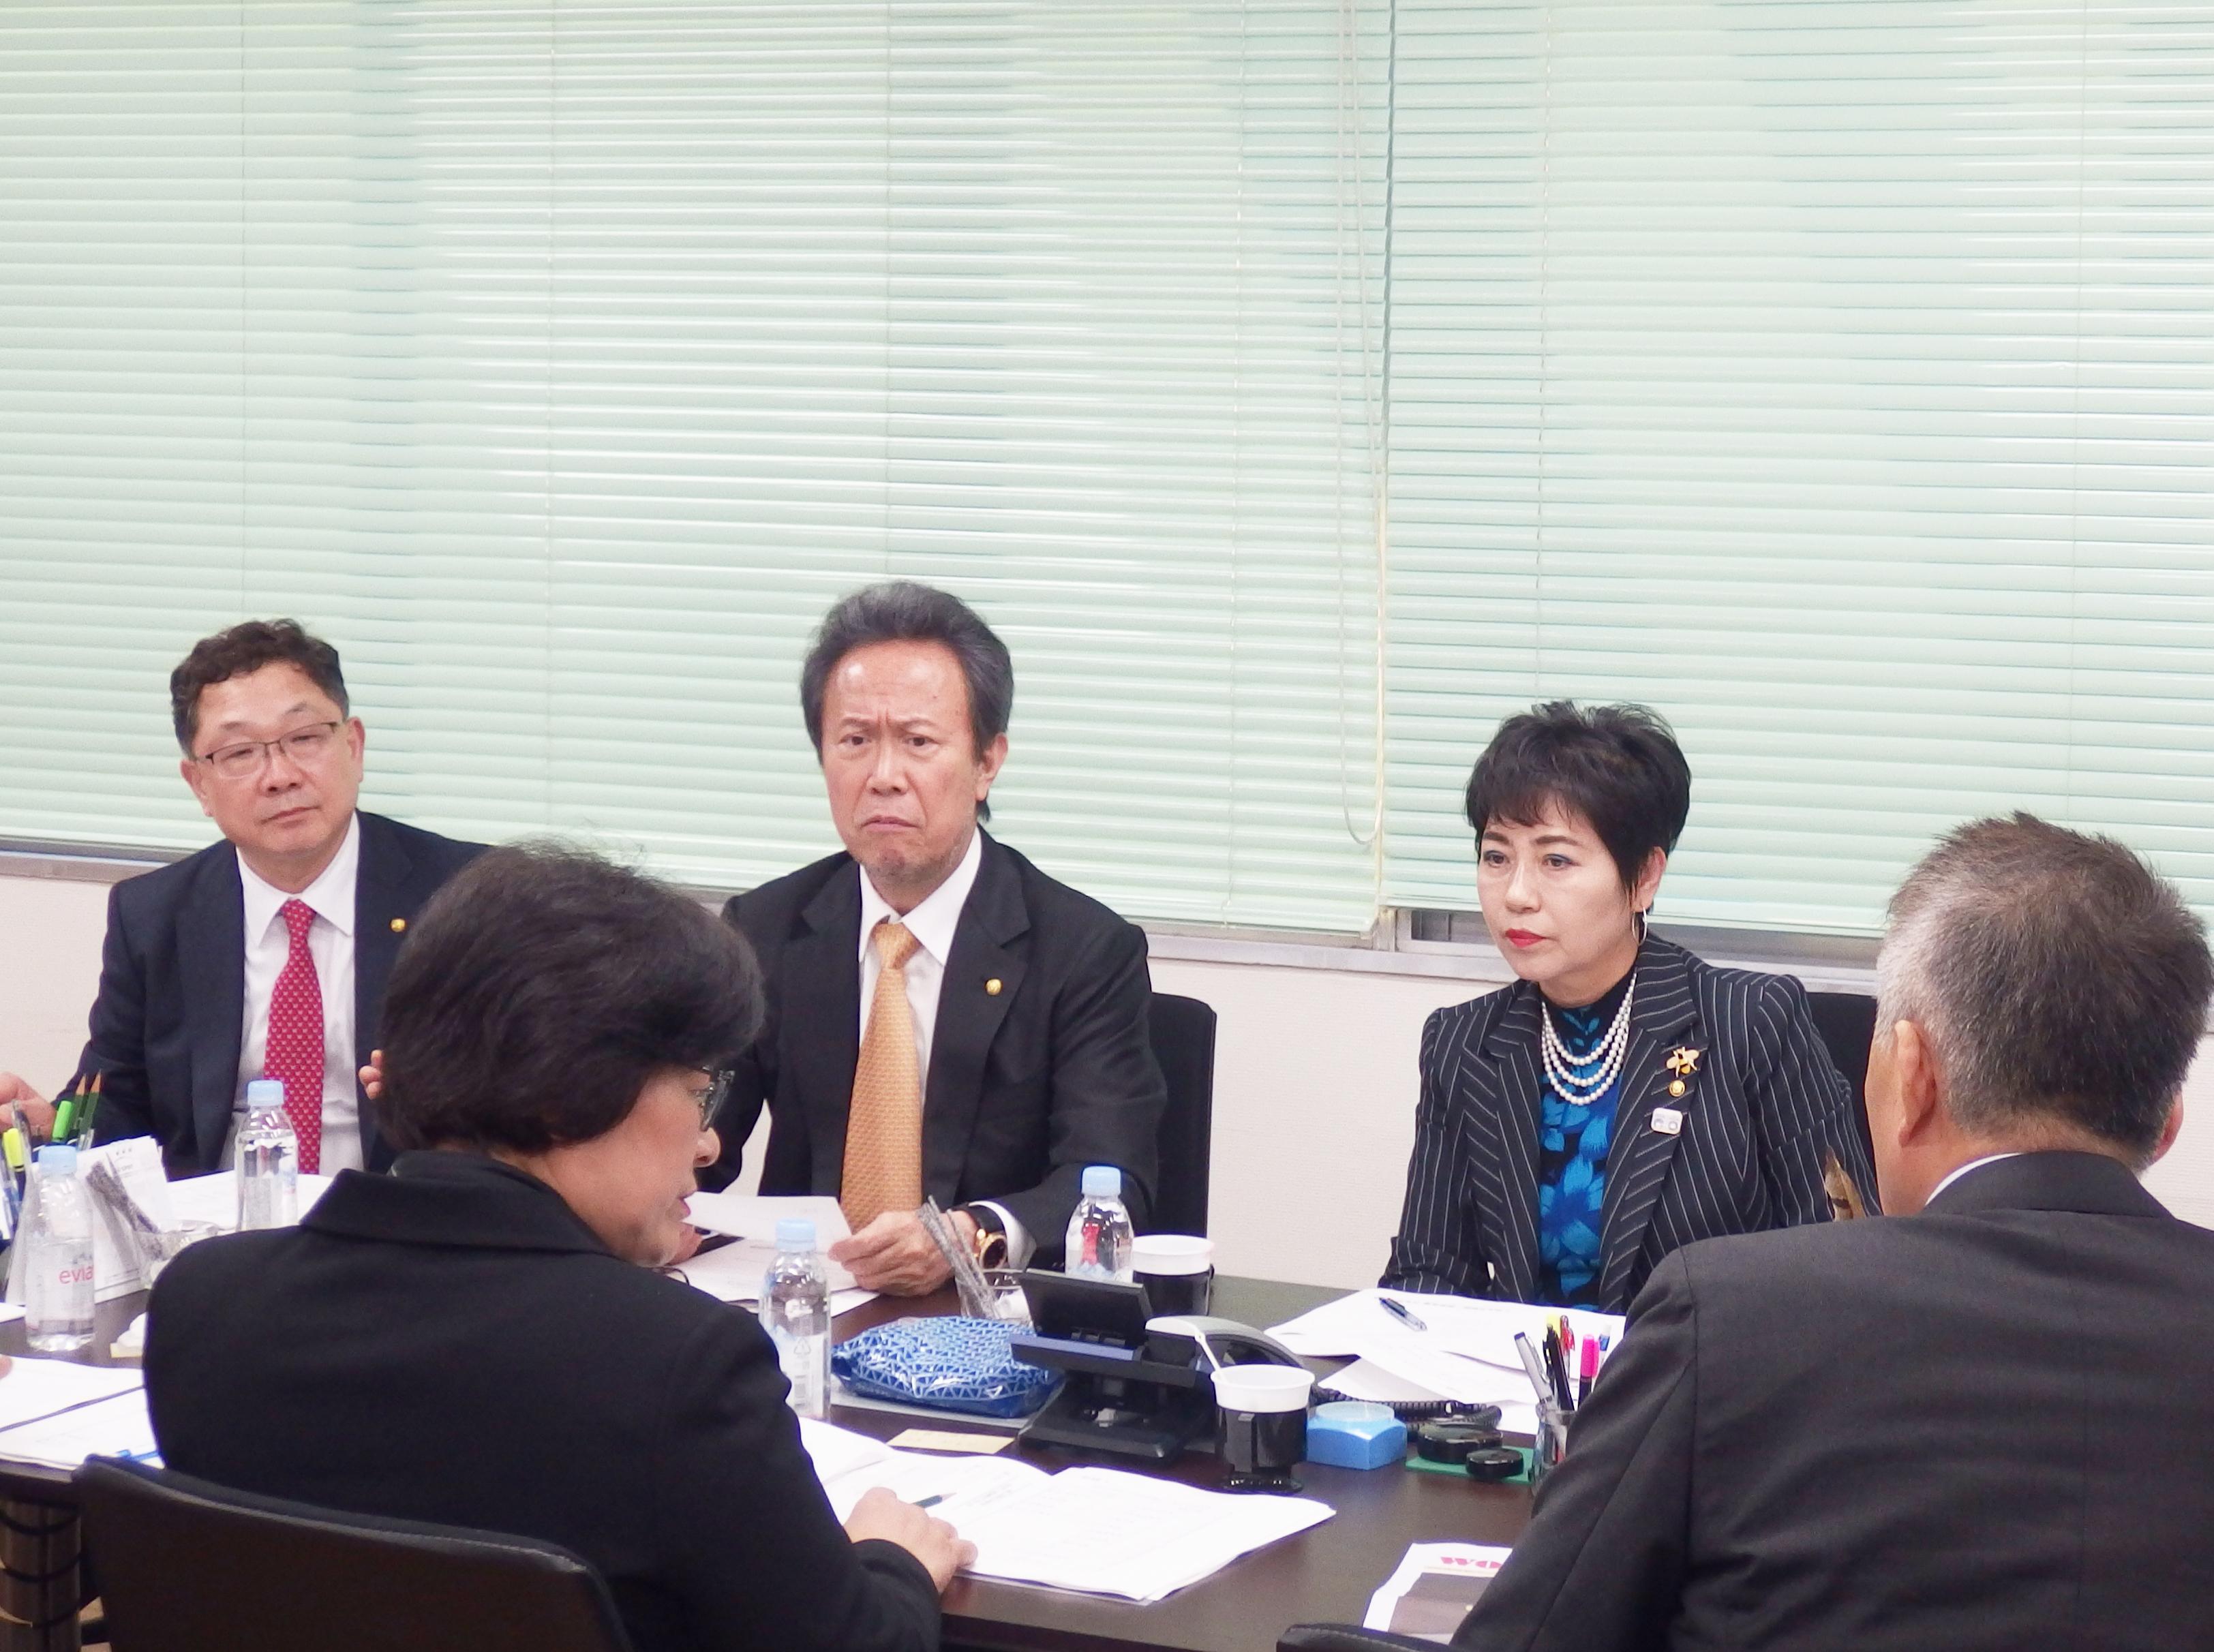 회의 중인 김광일 일본부의장, 이옥순 일본동부협의회장